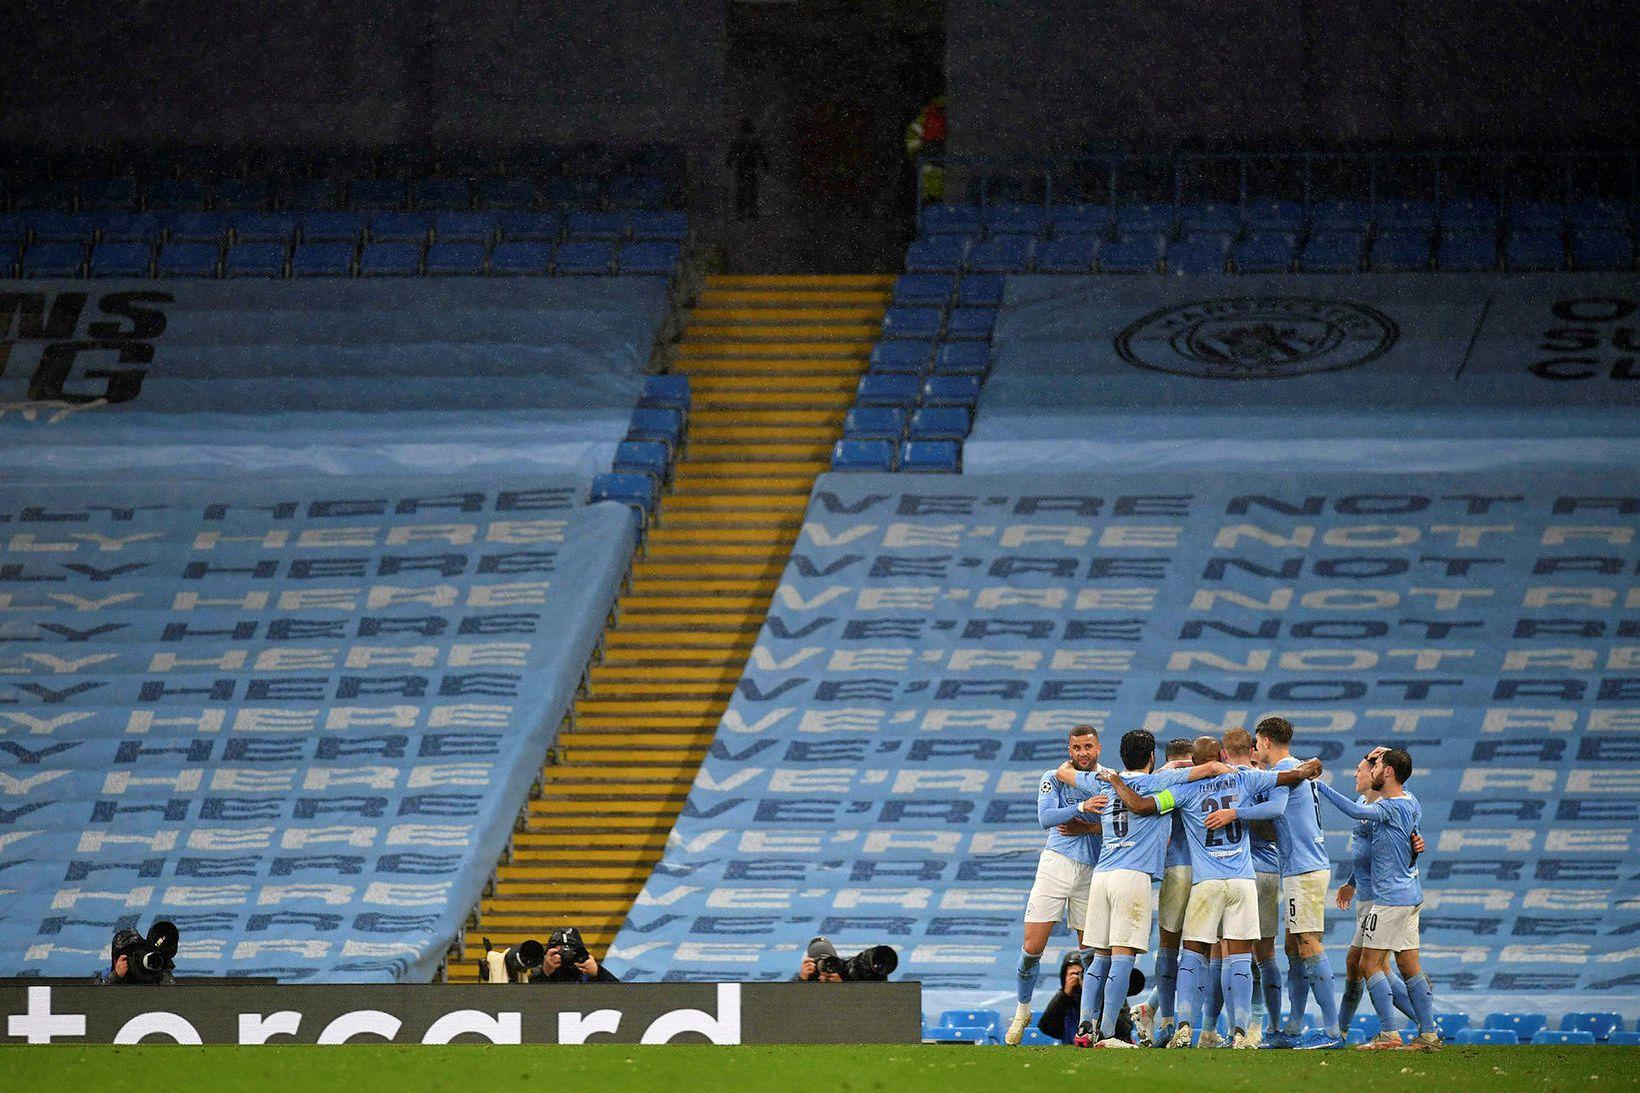 Leikmenn Manchester City fagna öðru marki Riyad Mahrez í kvöld.